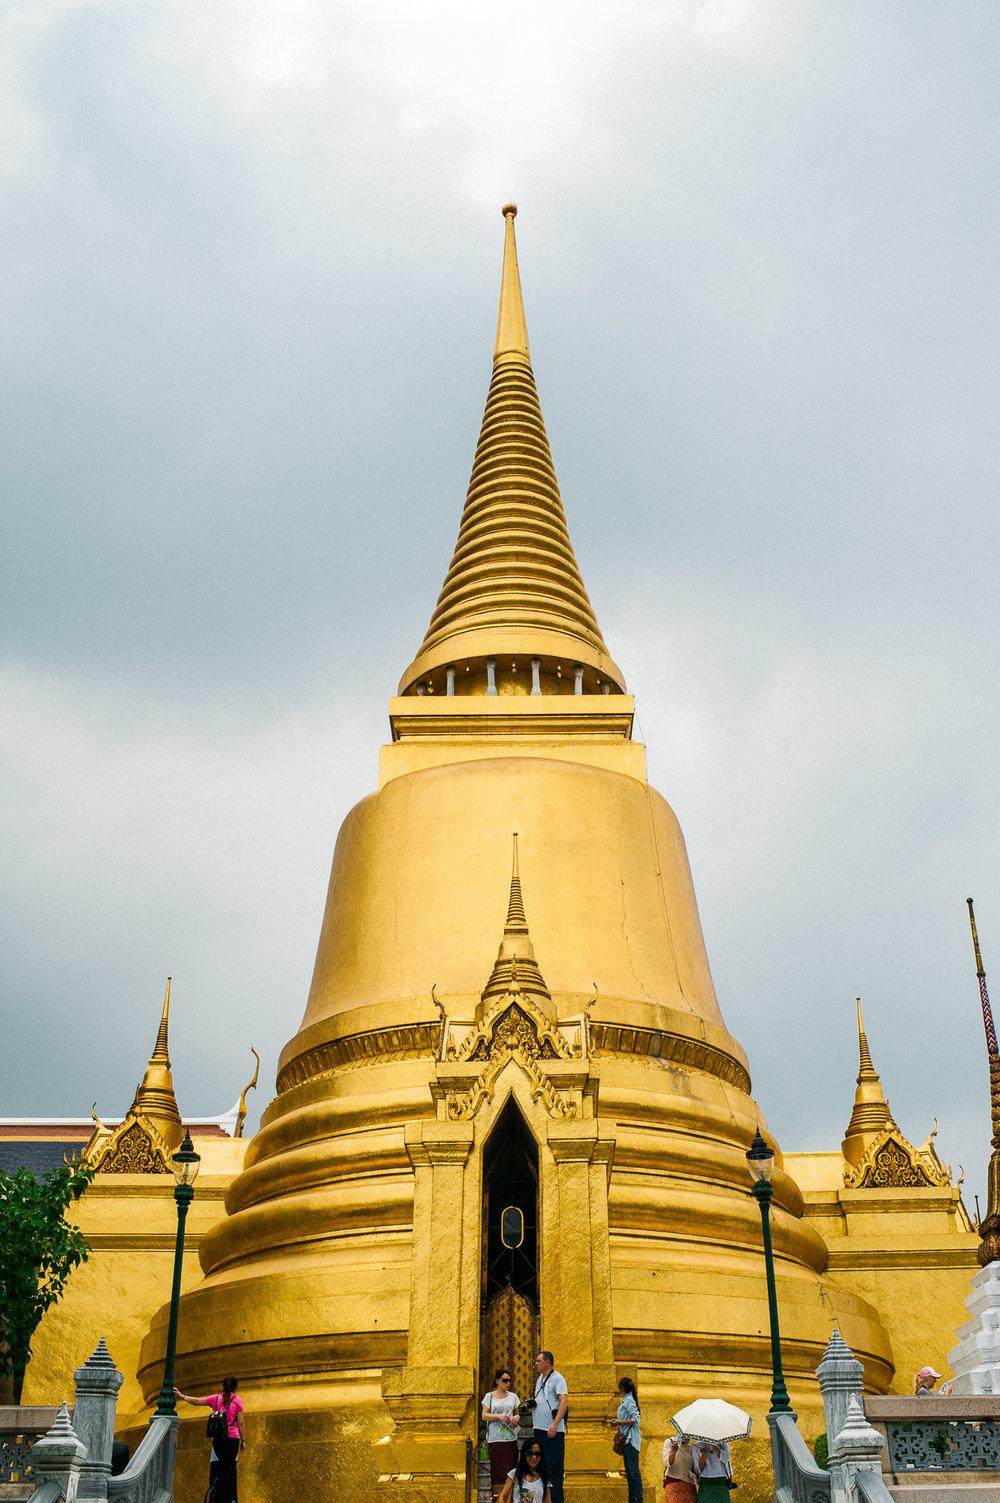 Bangkok_Thailand_TaraShupe_TravelPhotographer_LoweproStoryteller_2130.jpg